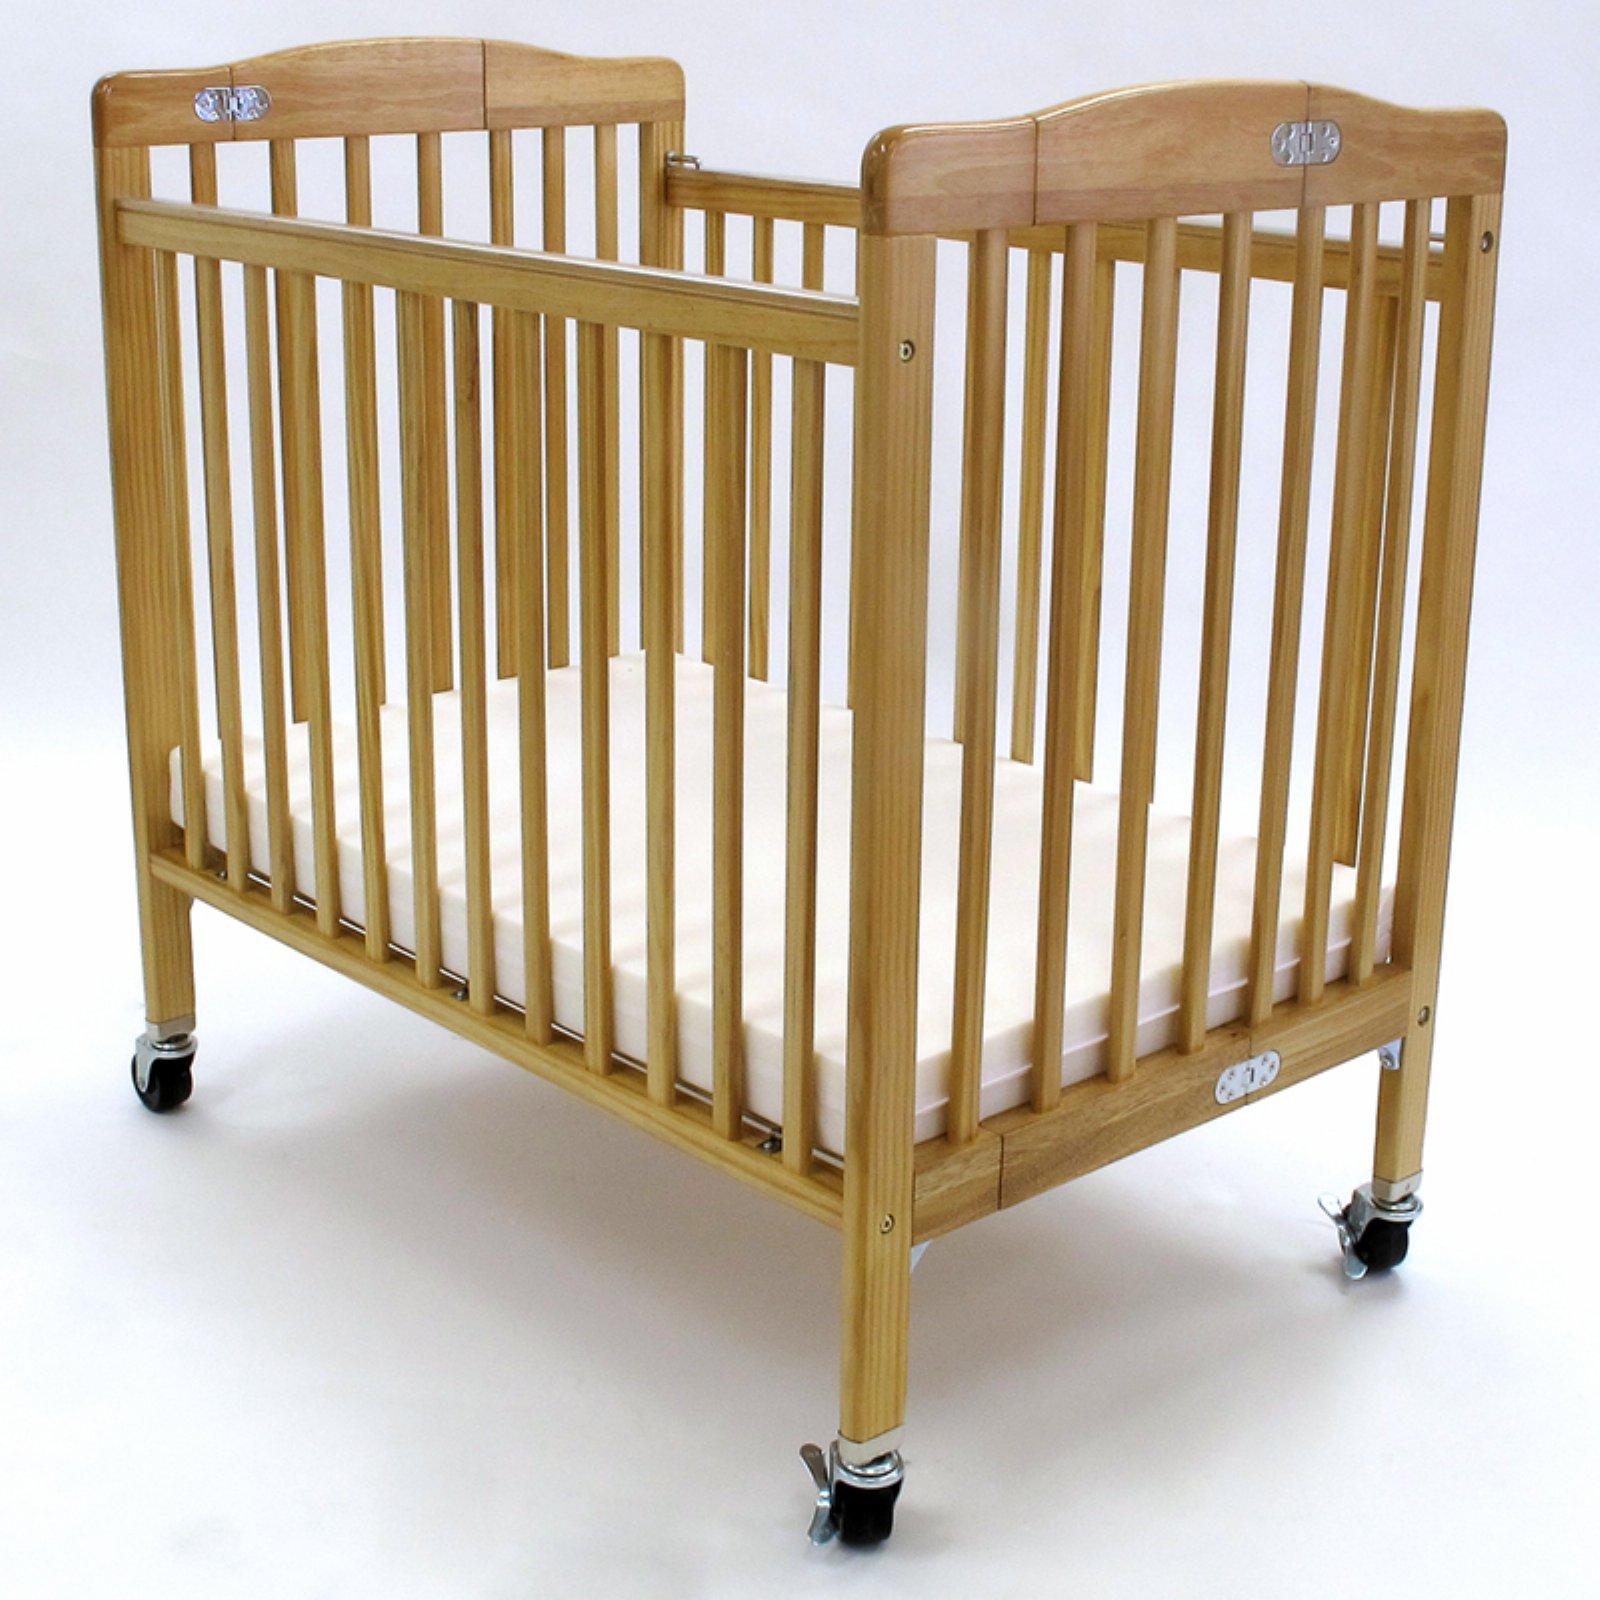 LA Baby Pocket Compact Folding Wood Crib - Natural